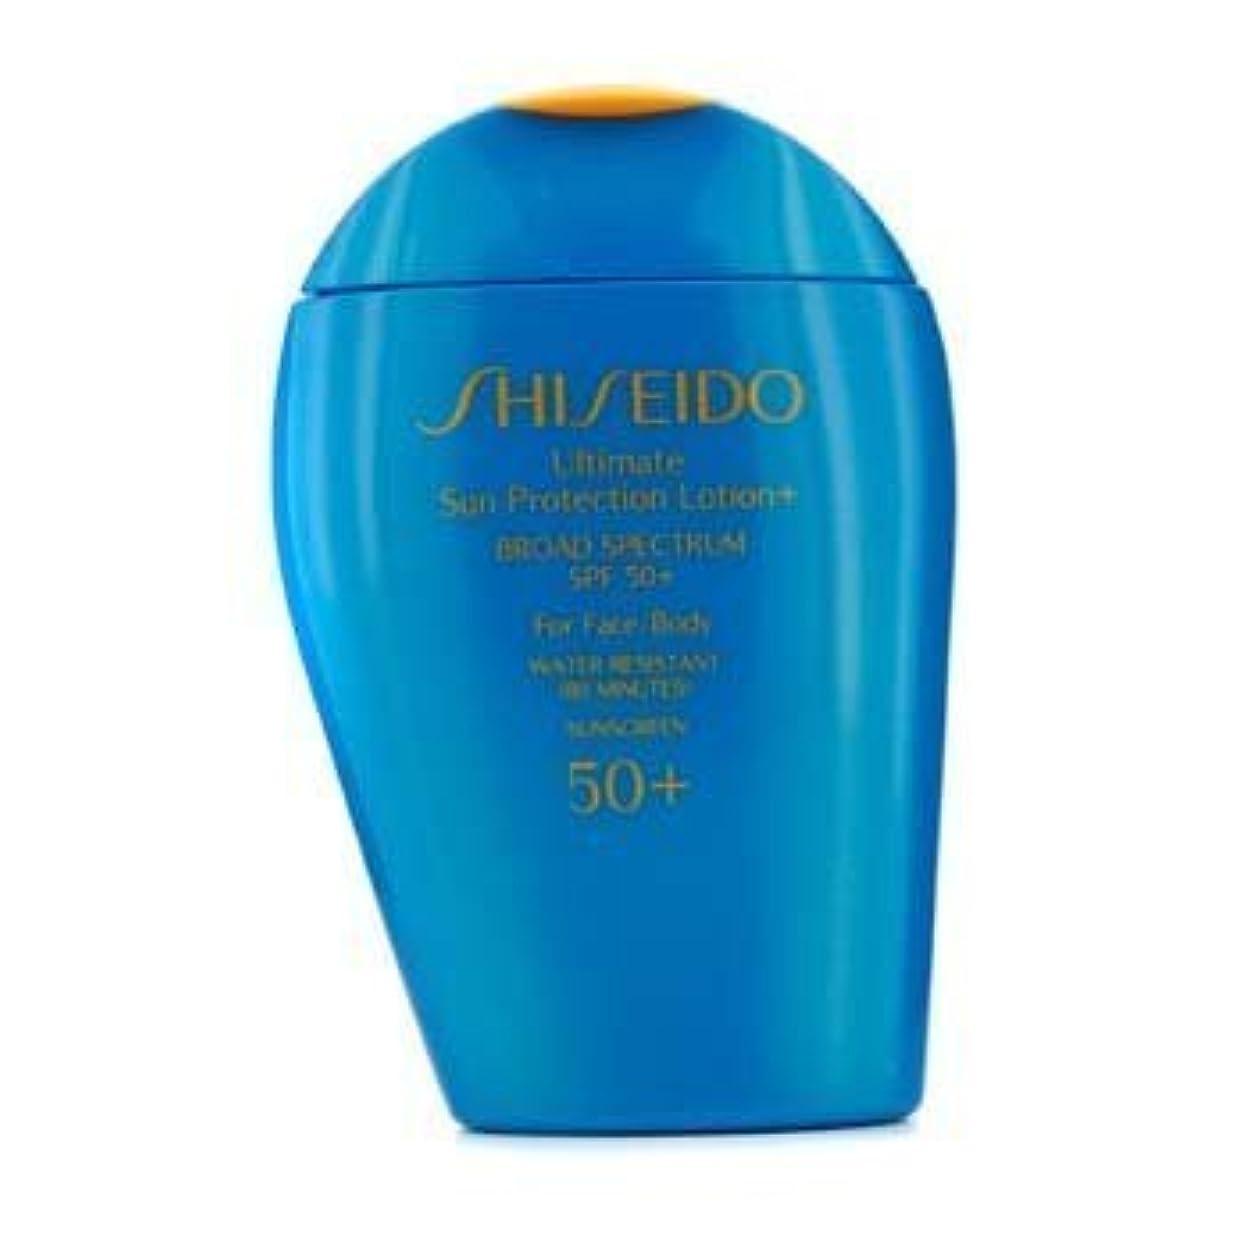 アカデミックうめき切手Shiseido Ultimate Sun Protection Face & Body Lotion SPF 50+ - 100ml/3.3oz by Shiseido [並行輸入品]